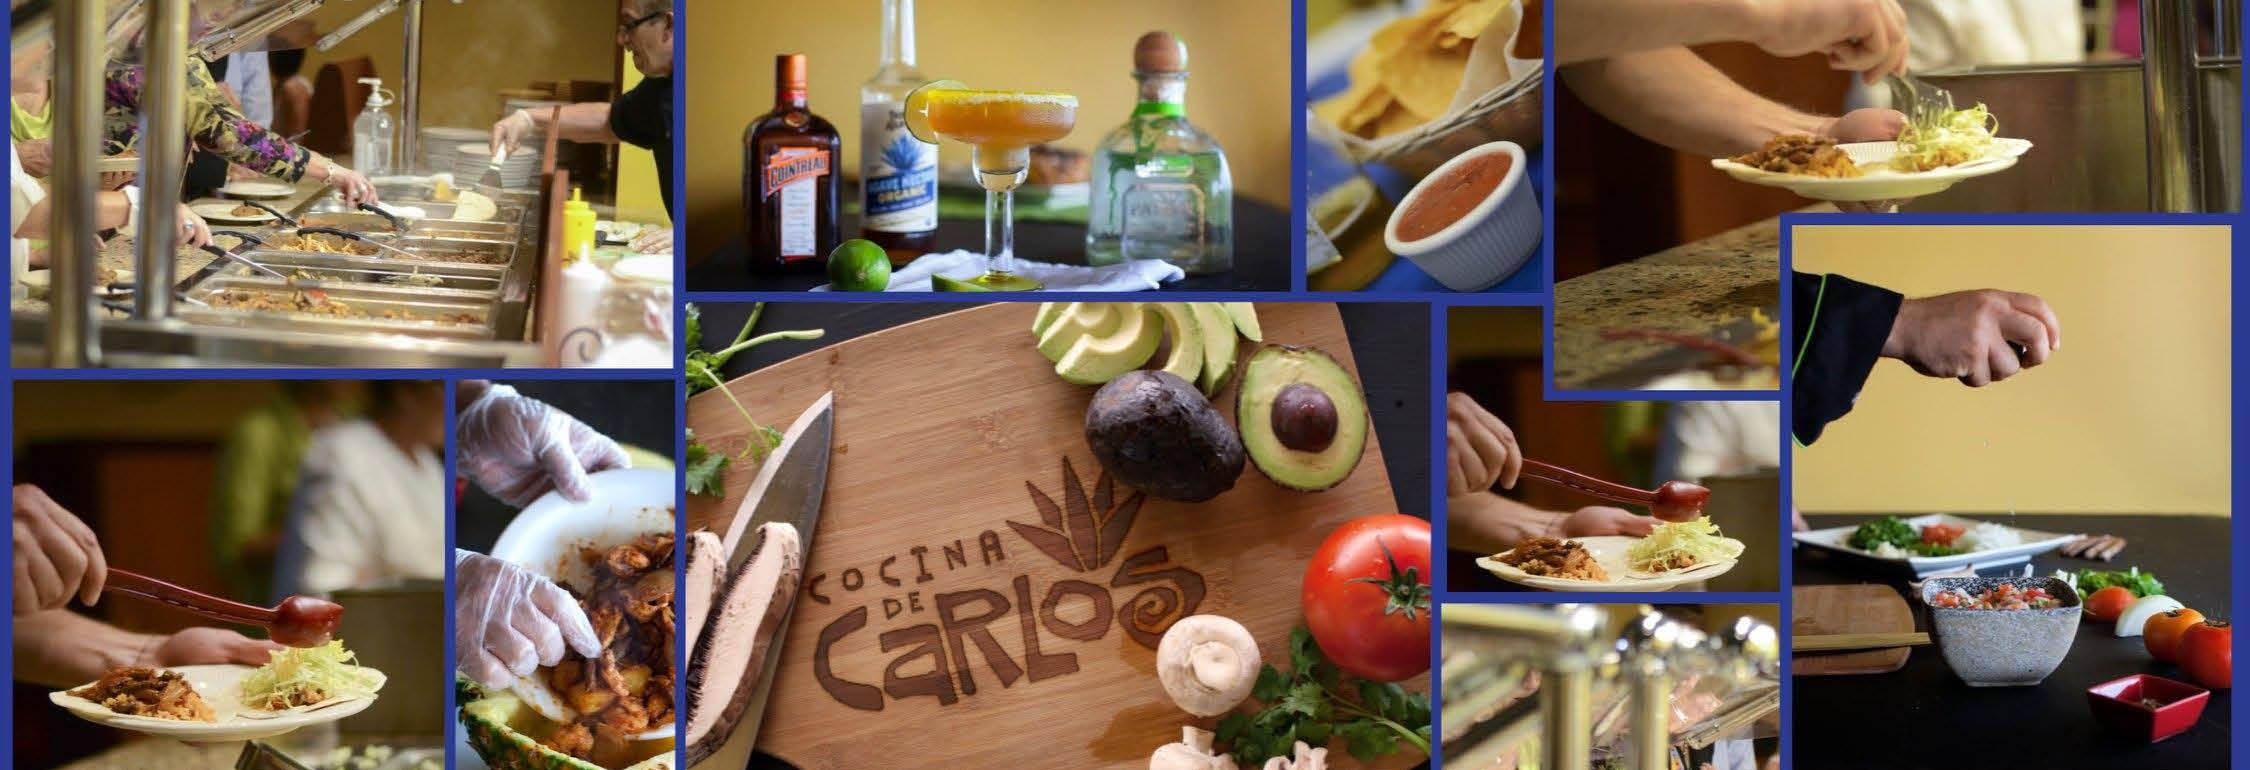 cocina de carlos authentic mexican restaurant tacos burritos fajitas margaritas